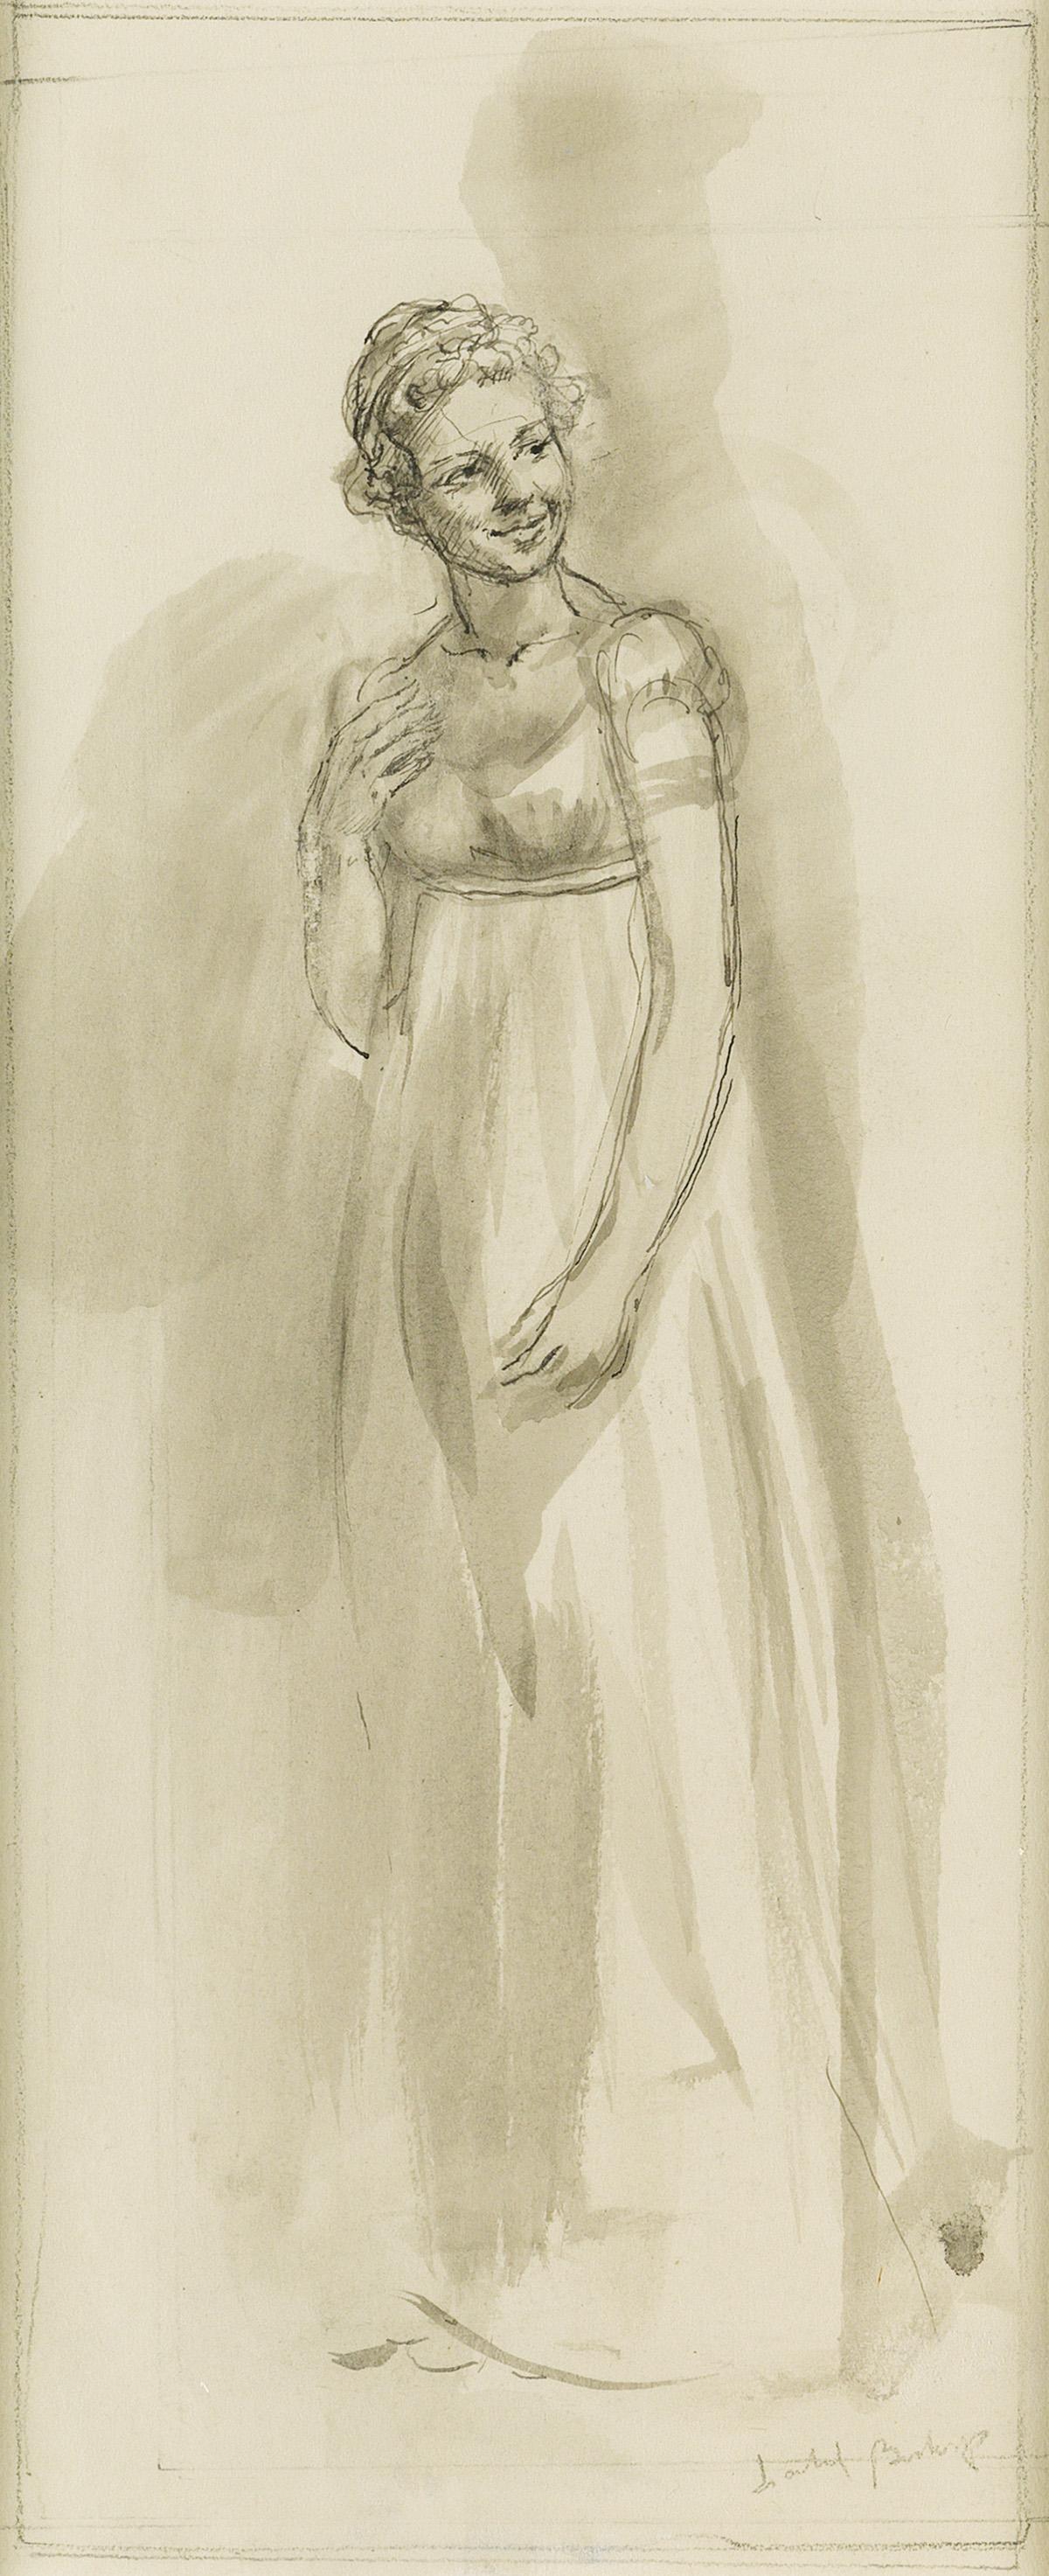 ISABEL-BISHOP-(JANE-AUSTEN--PRIDE-AND-PREJUDICE)-Elizabeth